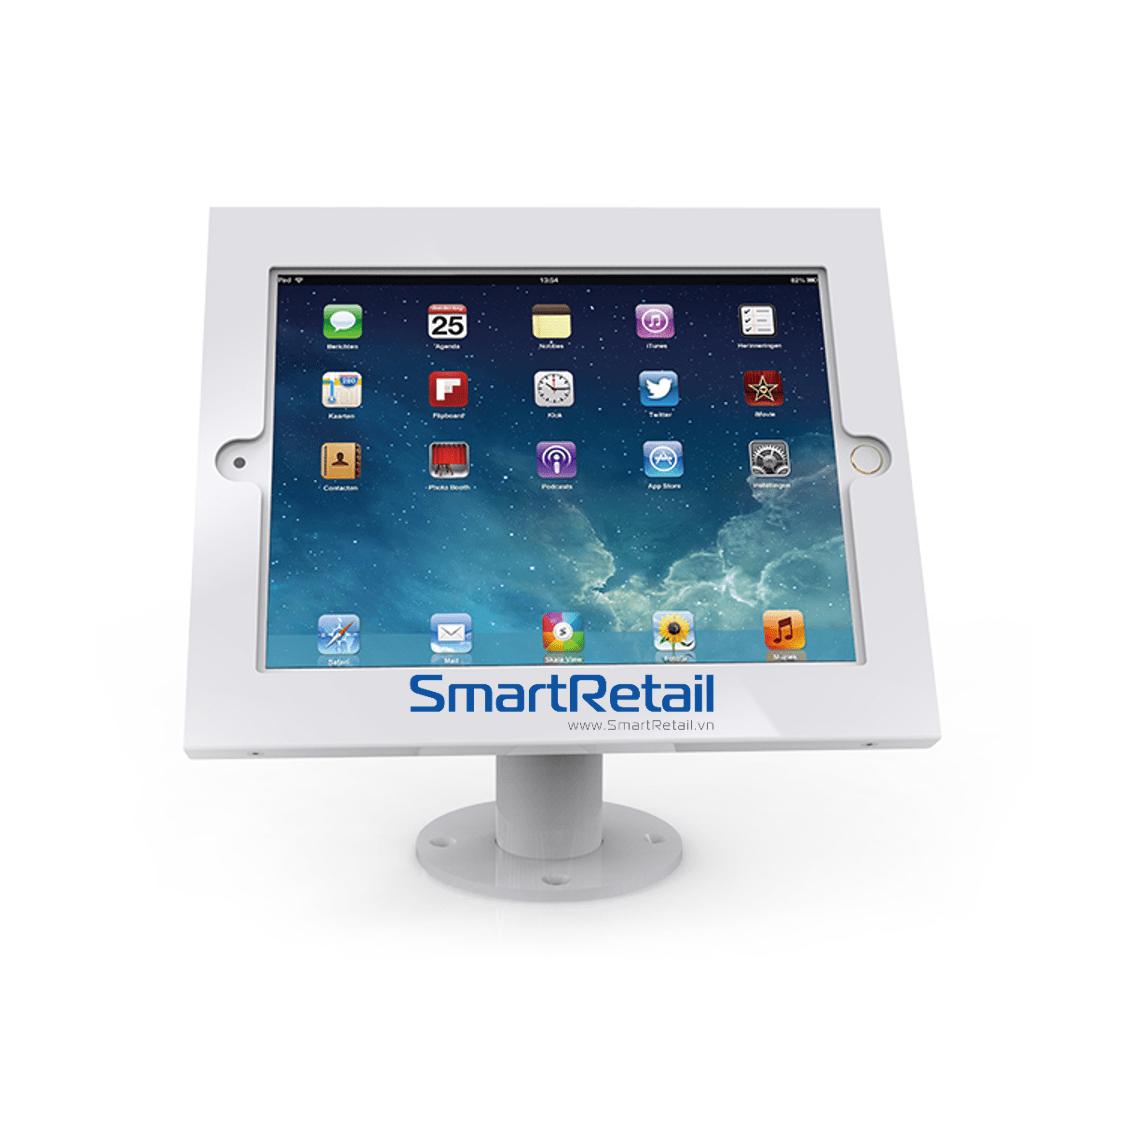 SmartRetail Thiet bi bao ve Tablet SC201 1